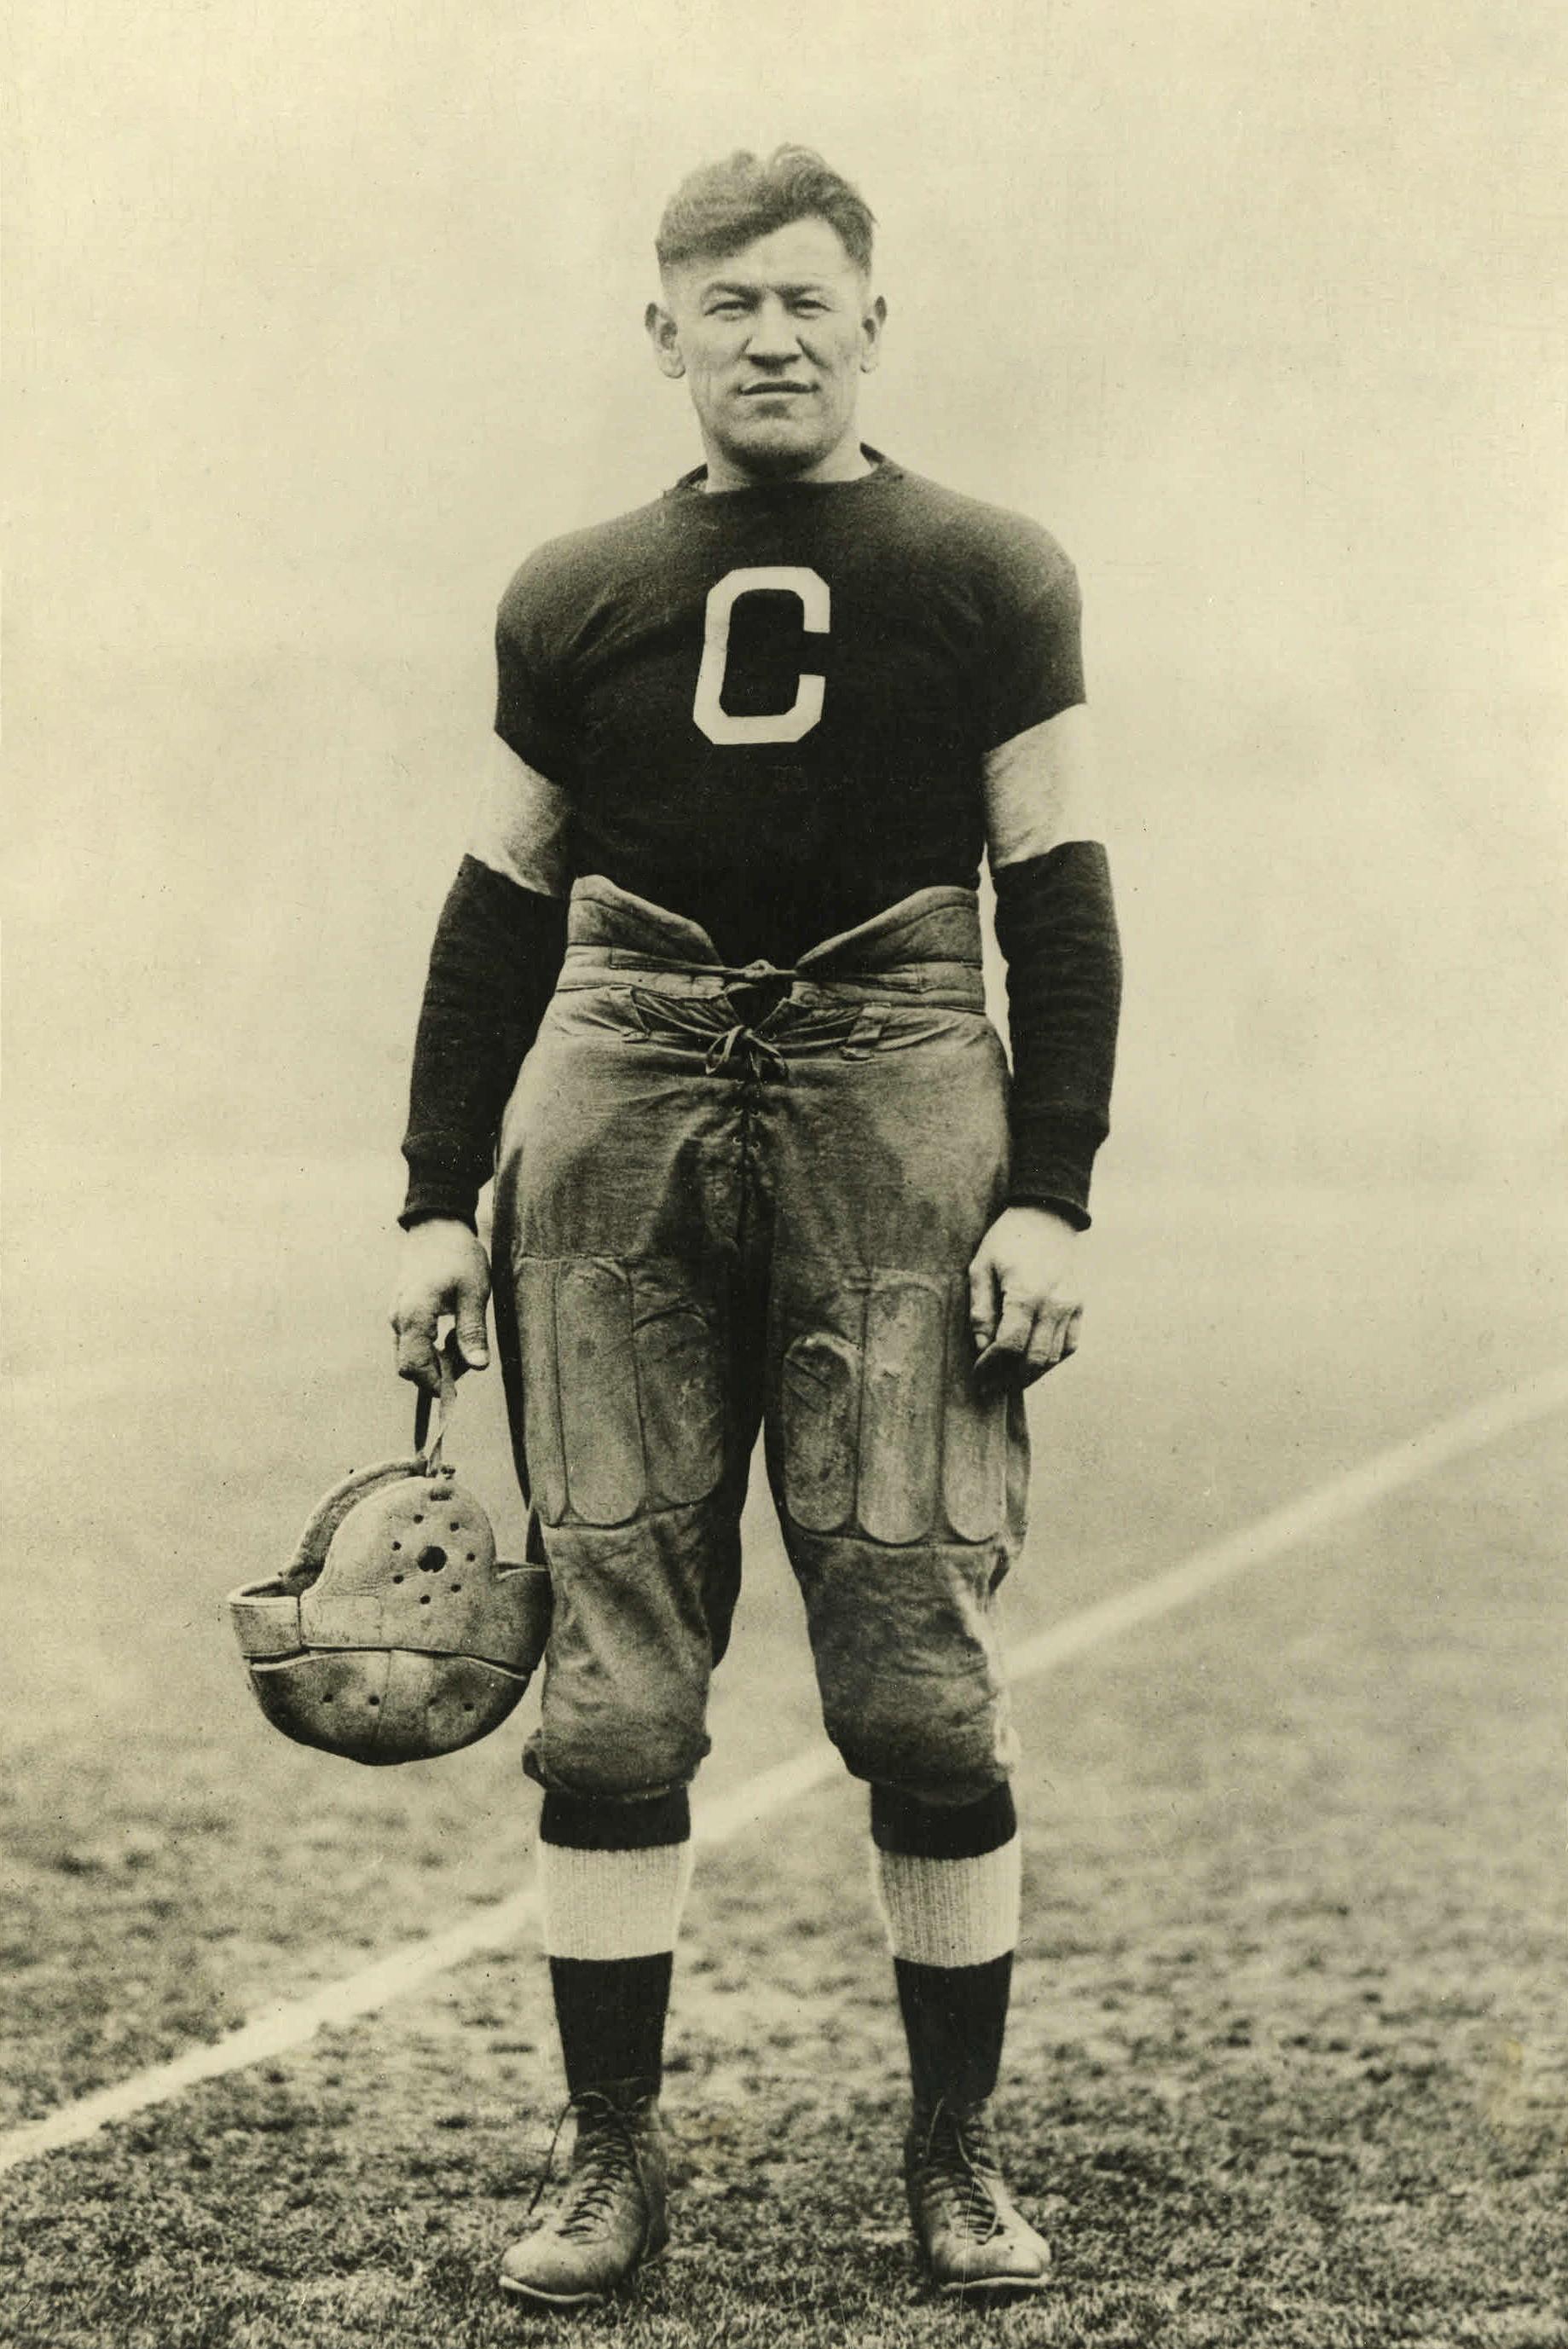 Jim Thorpe